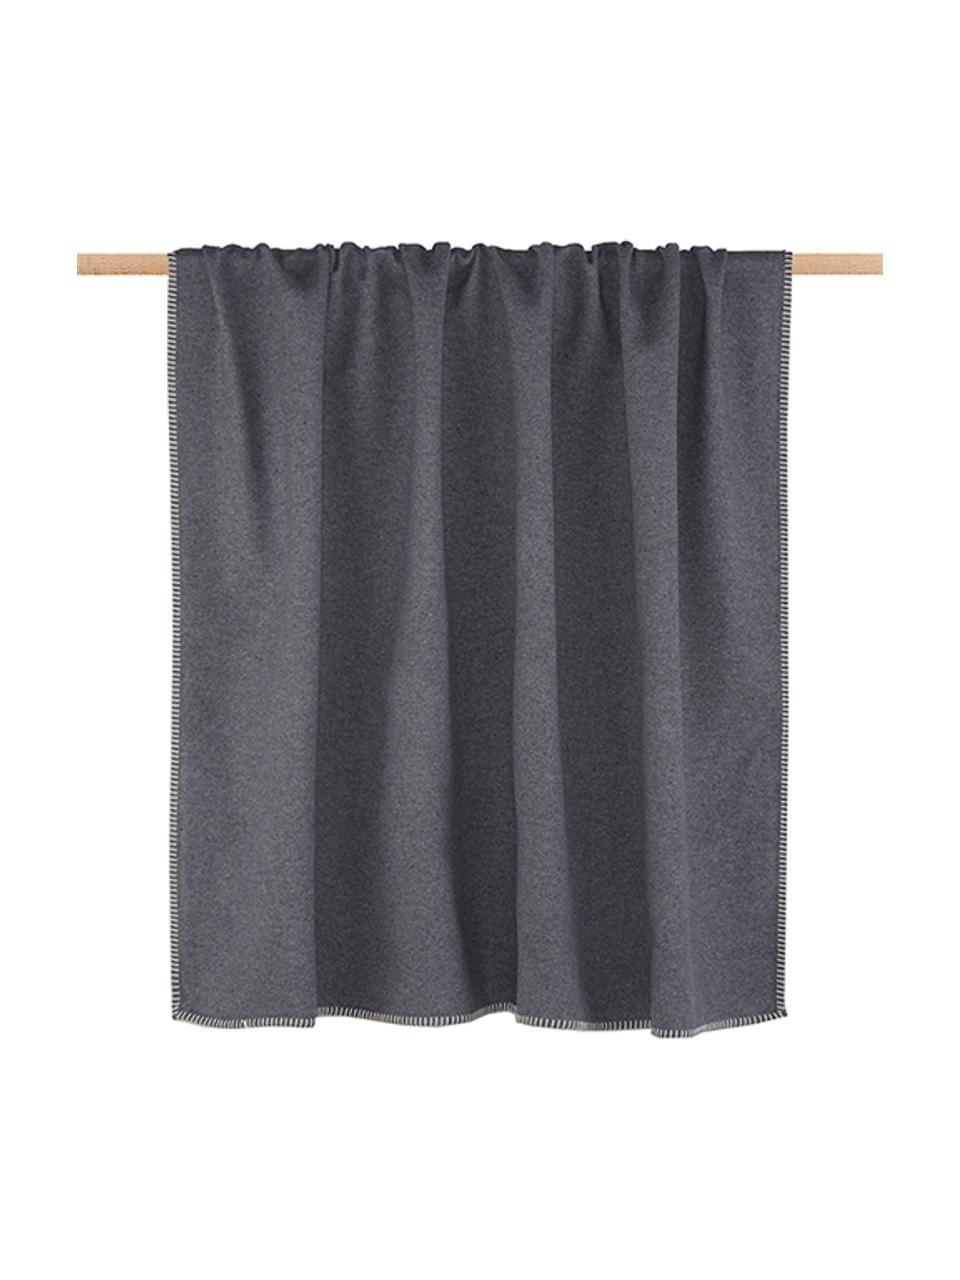 Plaid Sylt in Grau mit Steppnaht, Webart: Jacquard, Grau, 140 x 200 cm